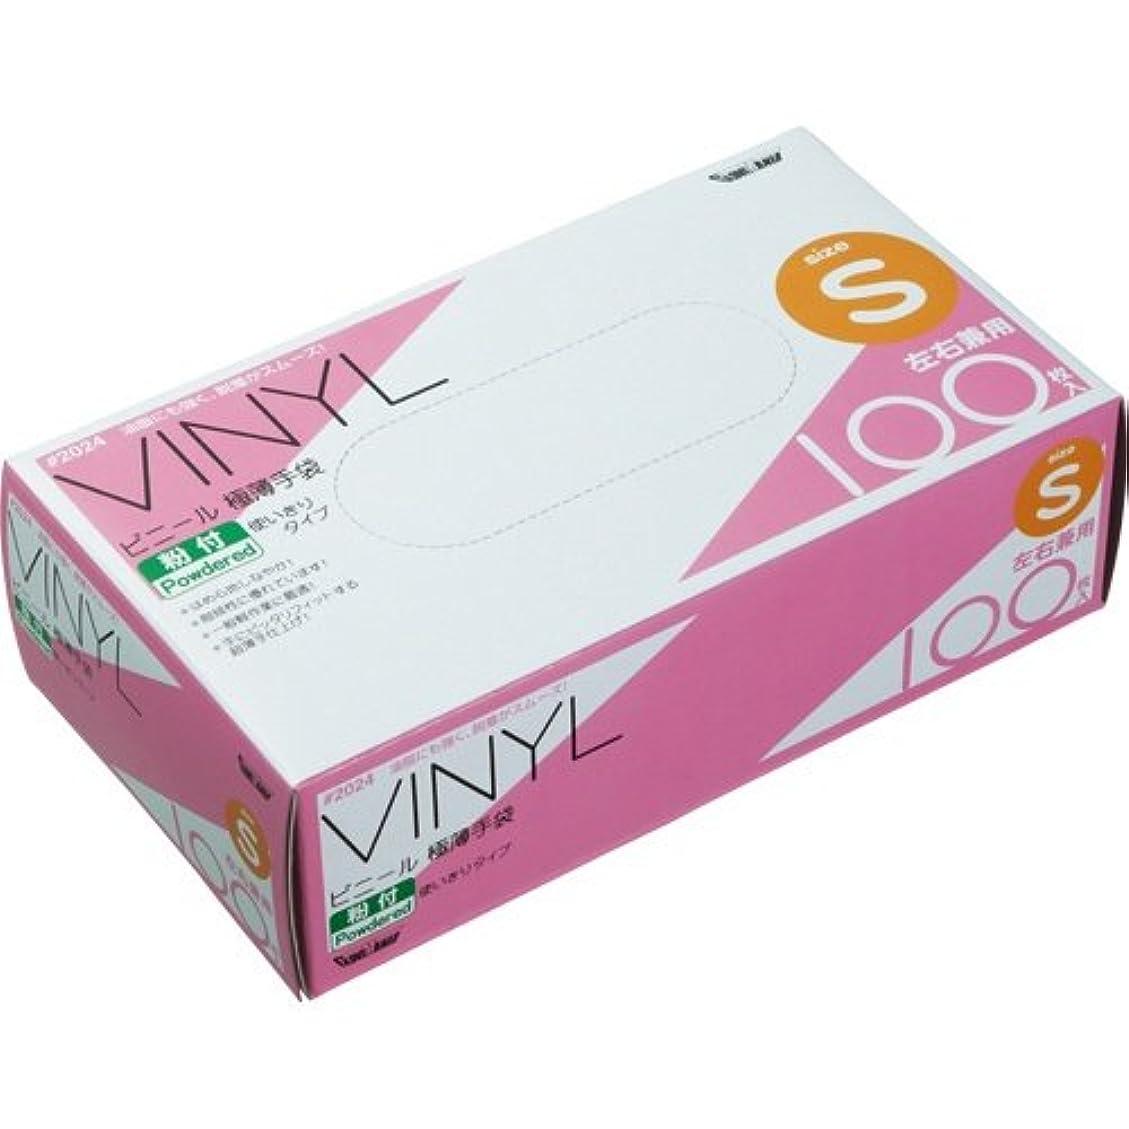 災害変換するこれら川西工業 ビニール極薄手袋 粉付 S #2024 1セット(2000枚:100枚×20箱)